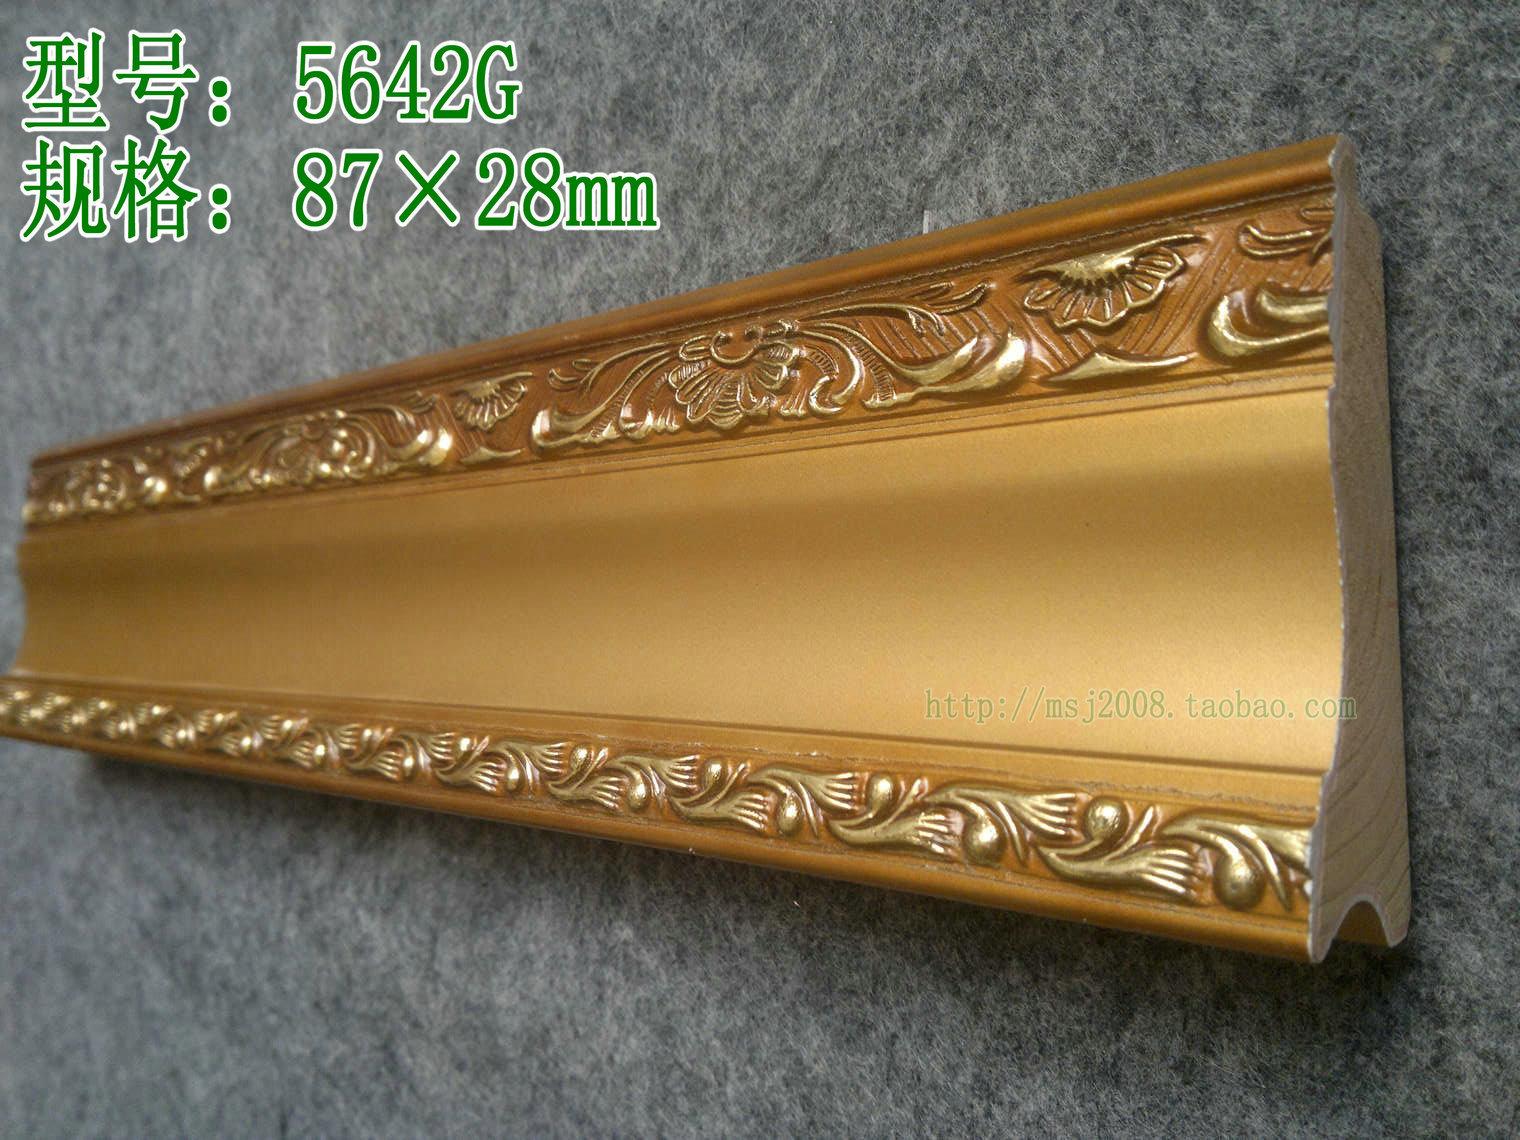 线条石膏压花金色复古欧式装饰木线条实木背景墙包边图片